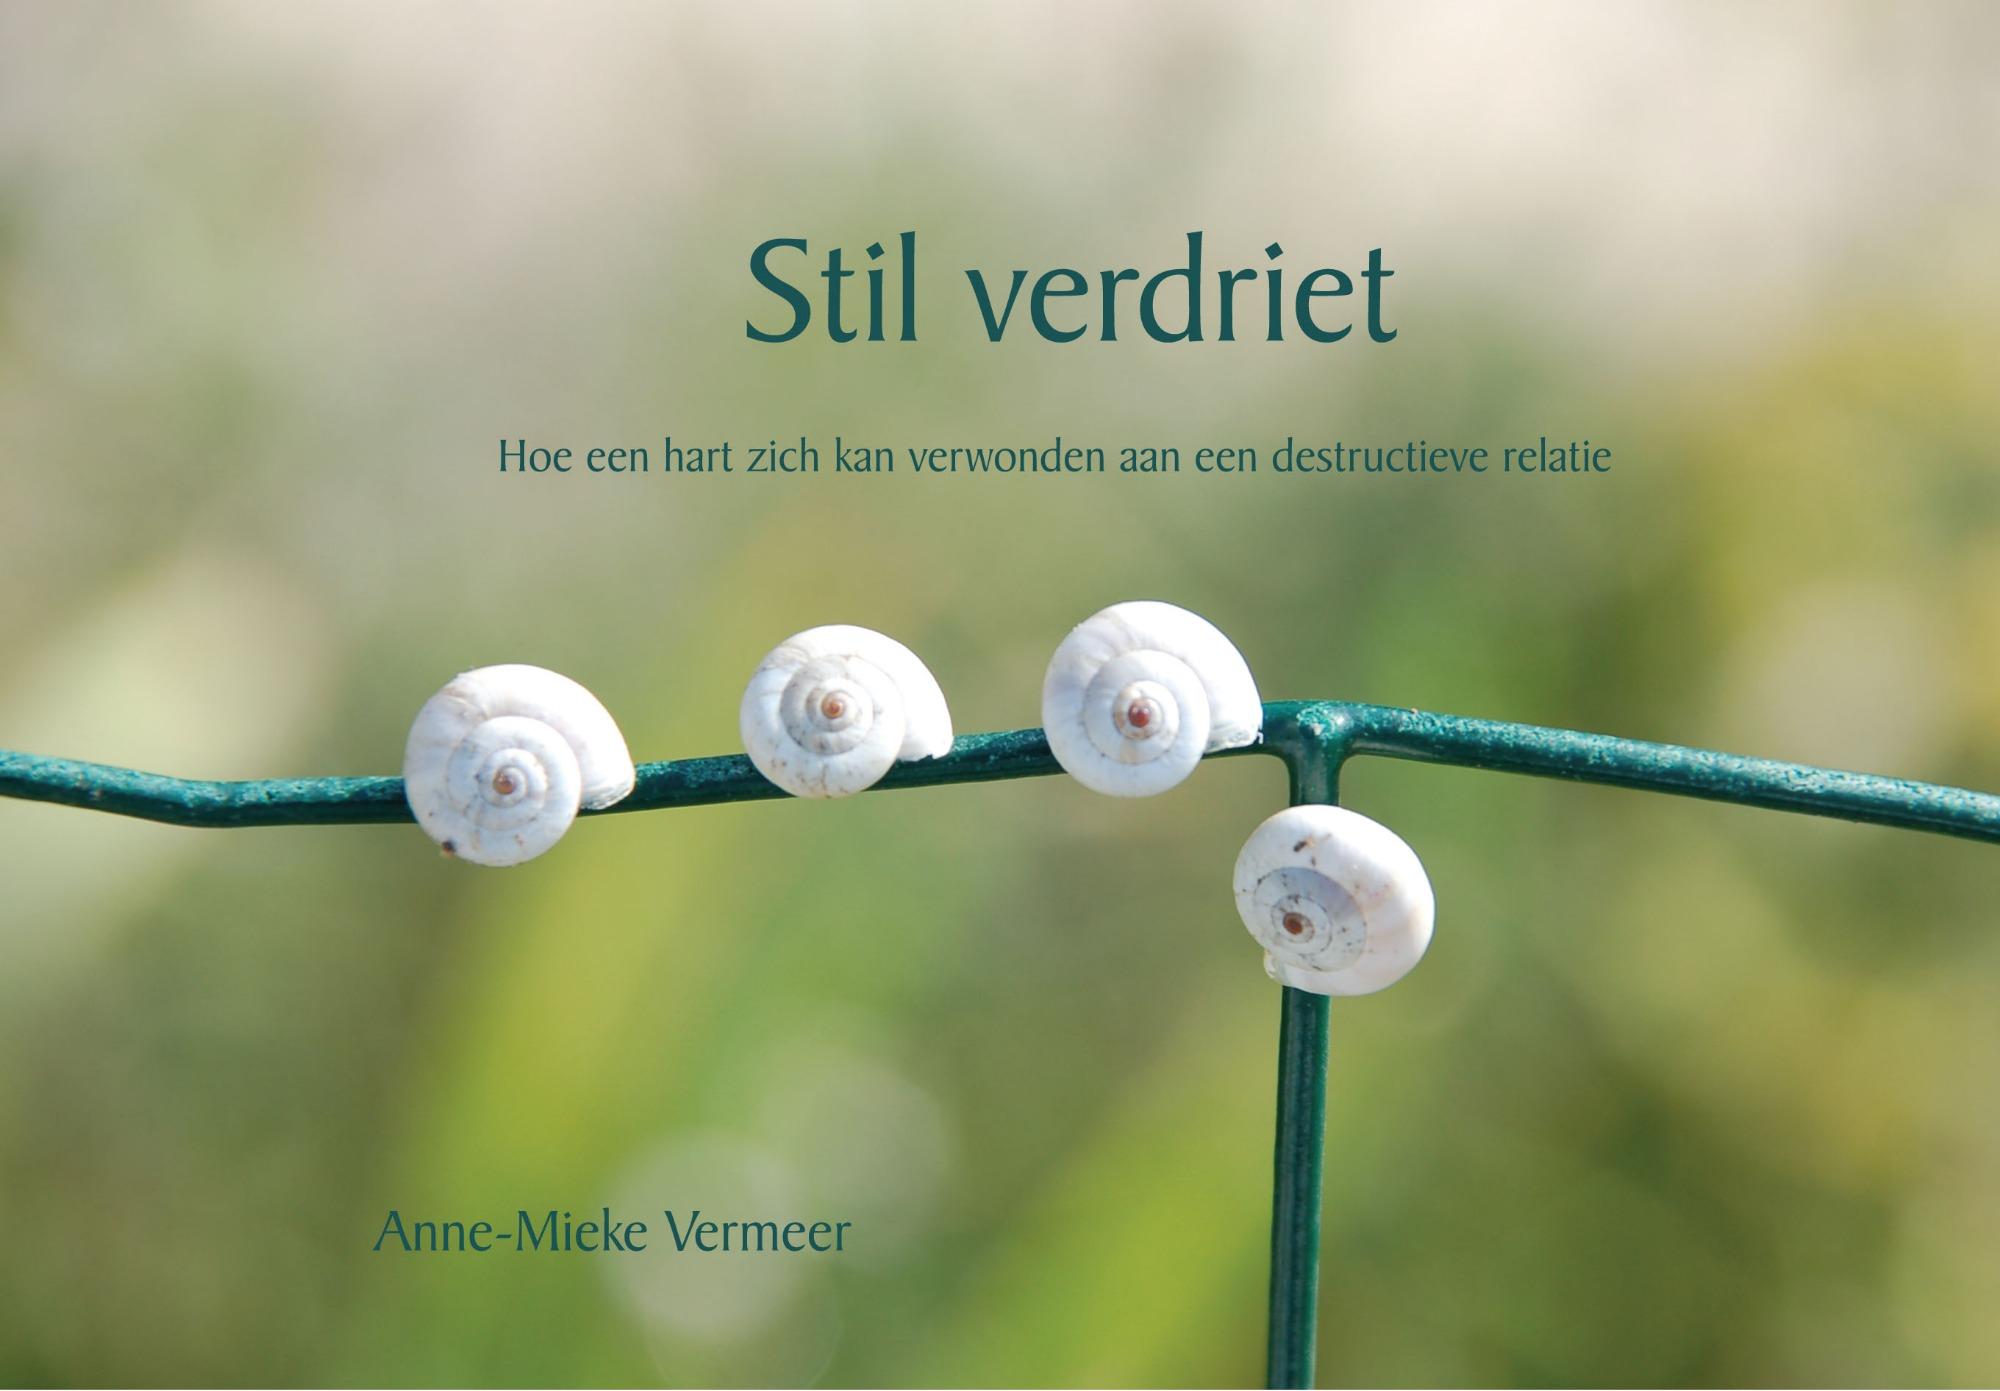 https://www.boekscout.nl/shop2/boek.php?bid=9121